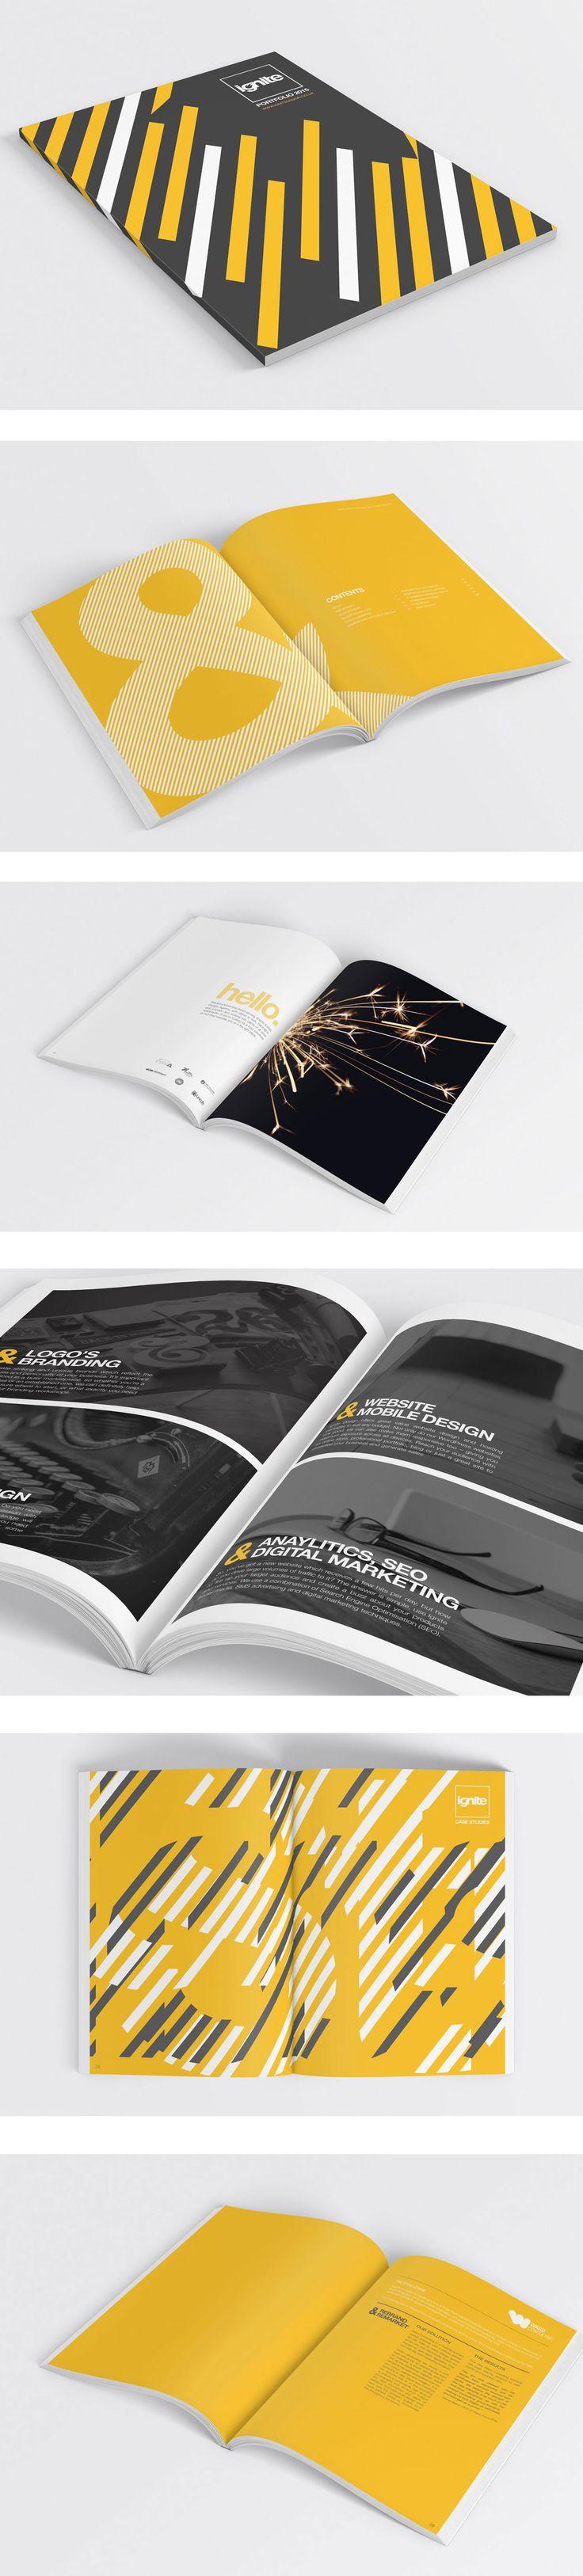 57 best Resume Design images on Pinterest | Design resume, Editorial ...